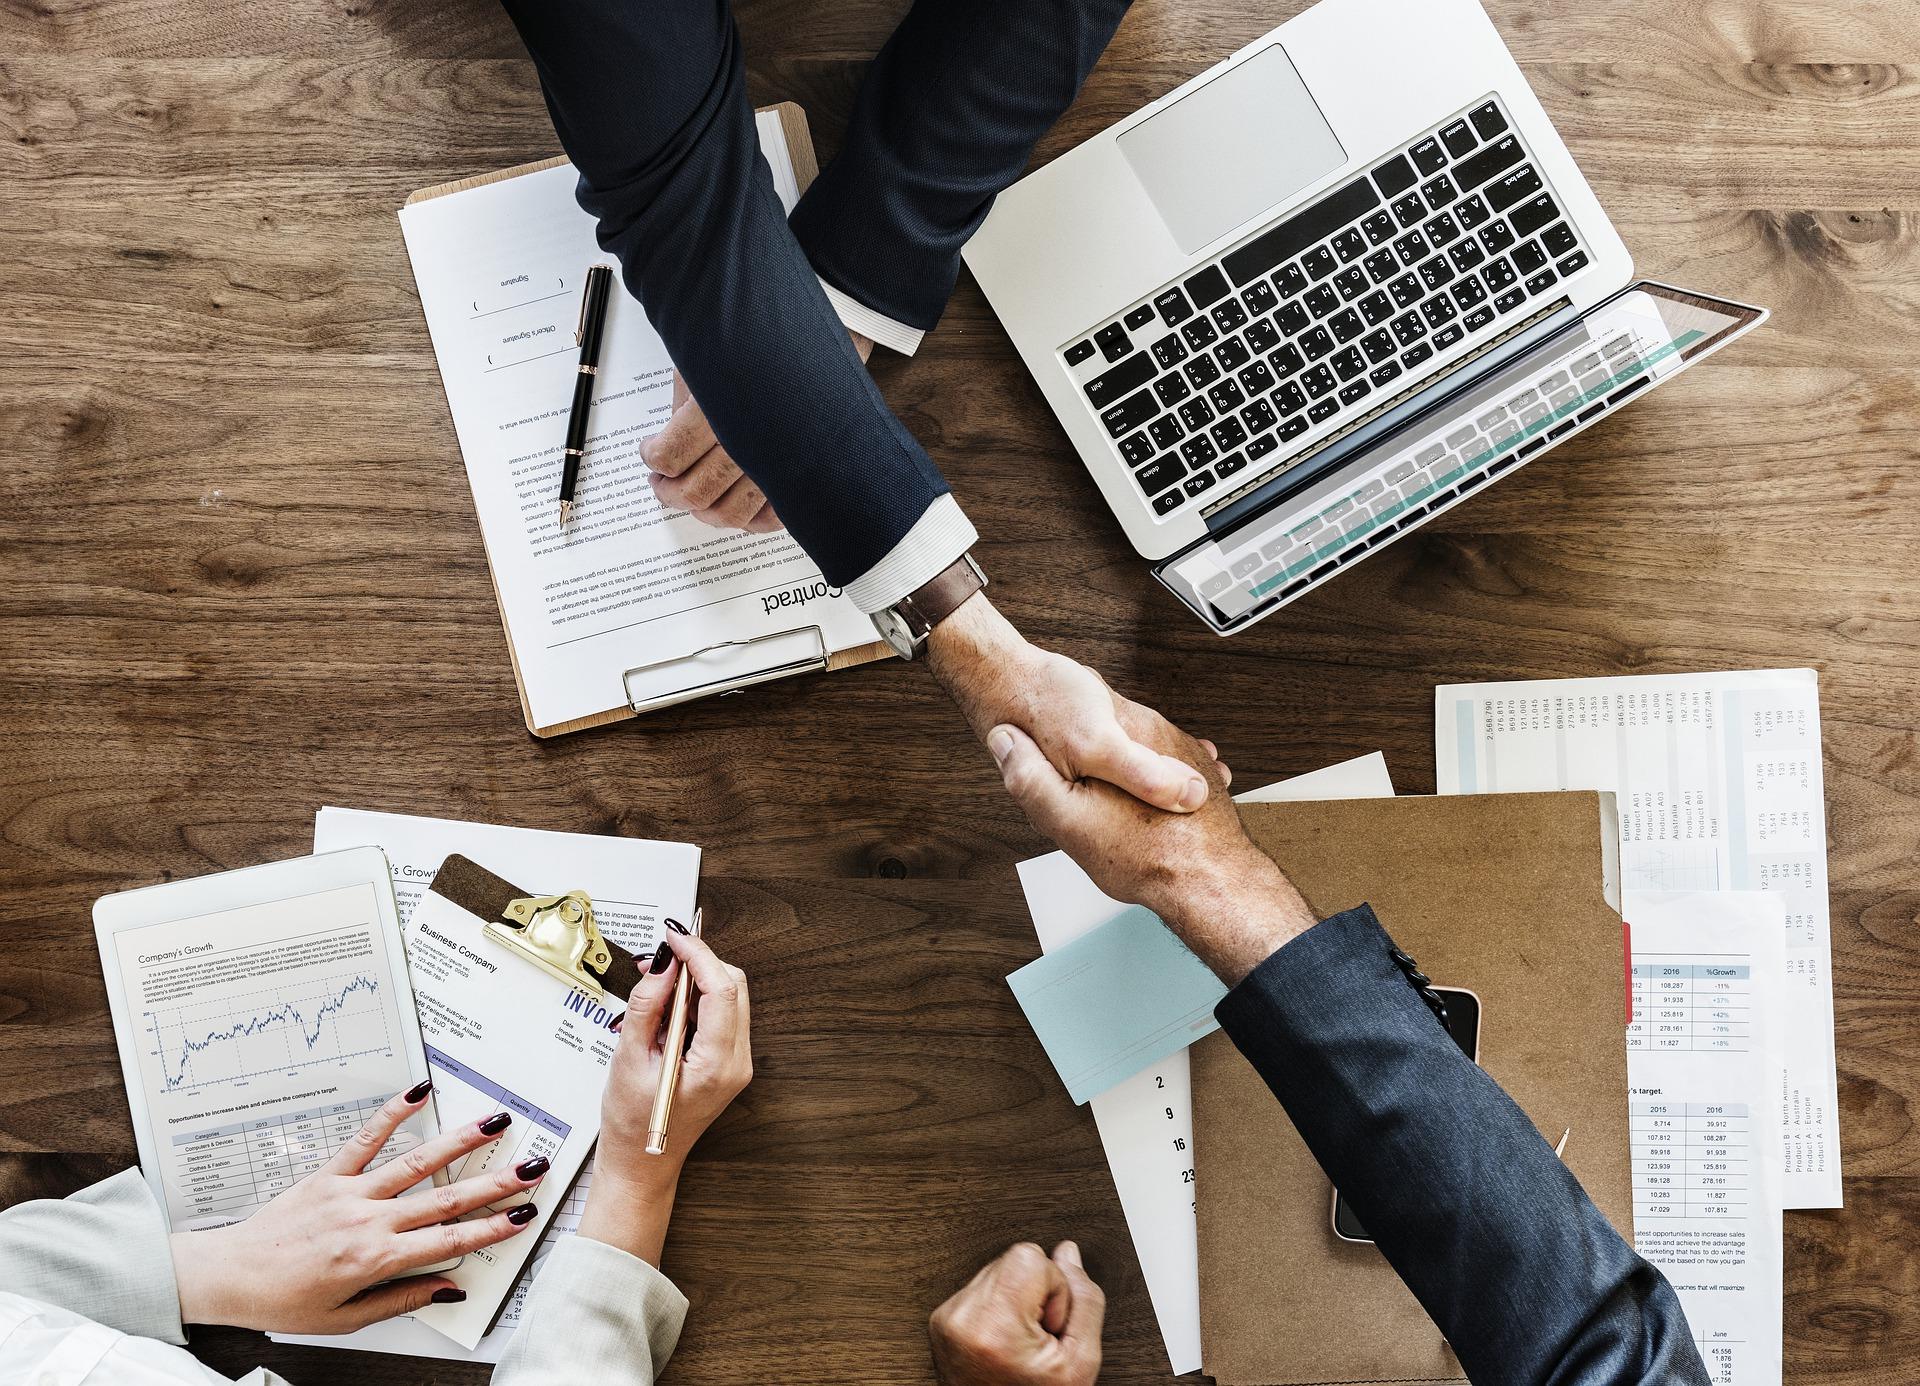 転職エージェントを最大限活用する方法